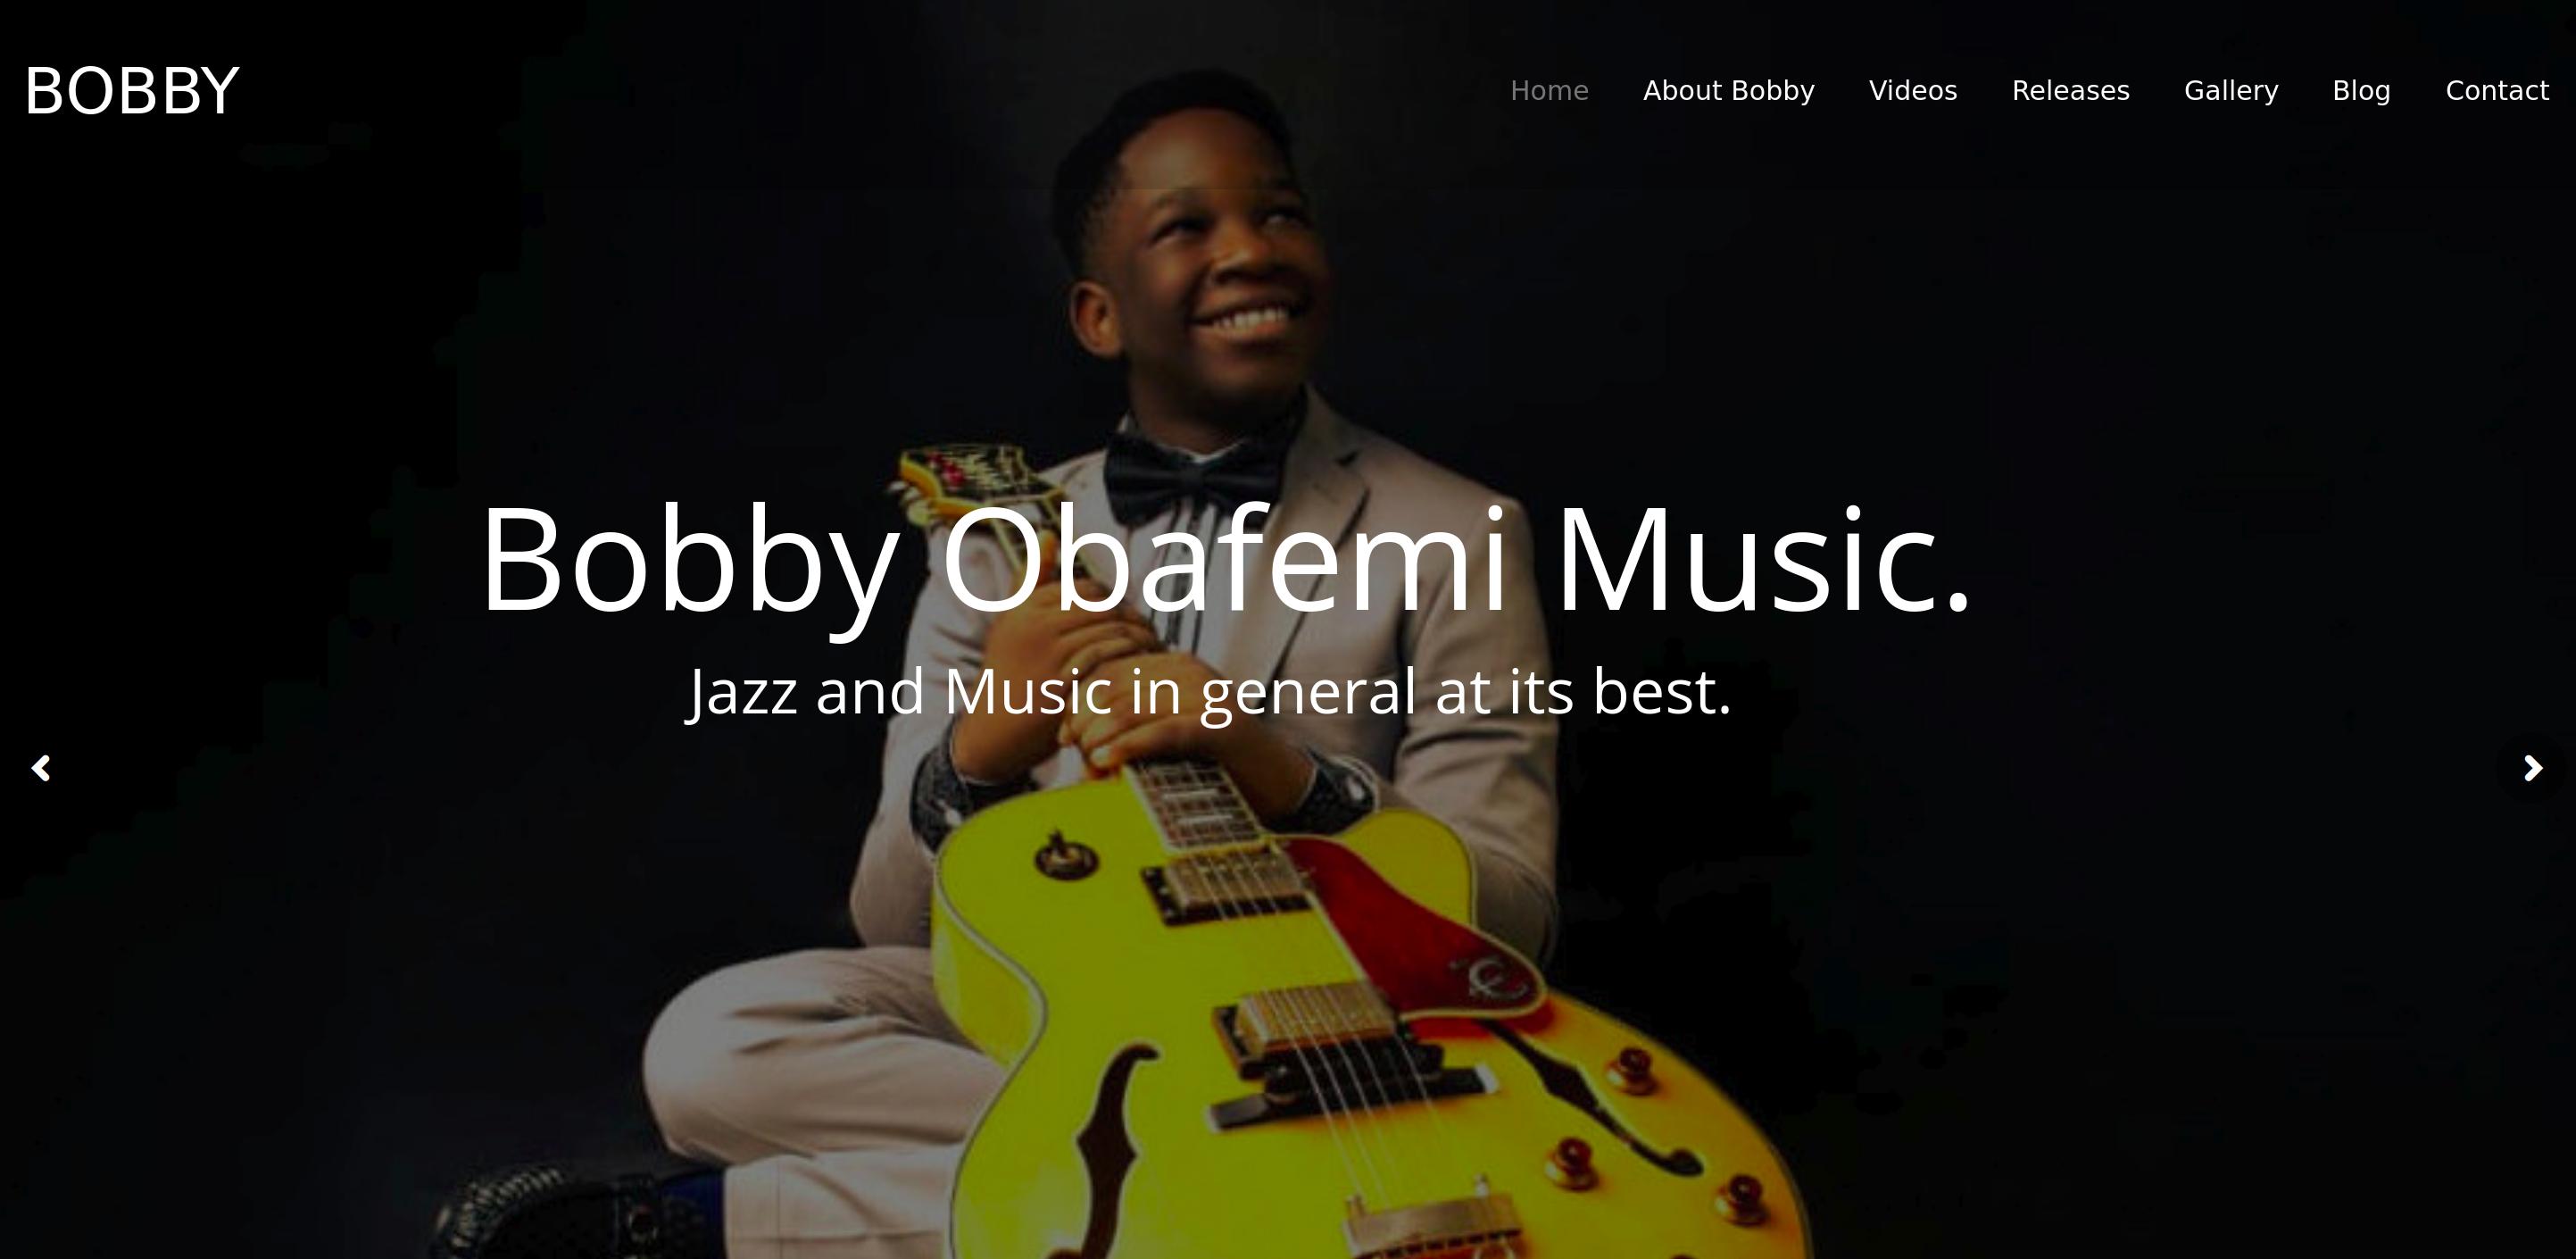 Bobby Obafemi